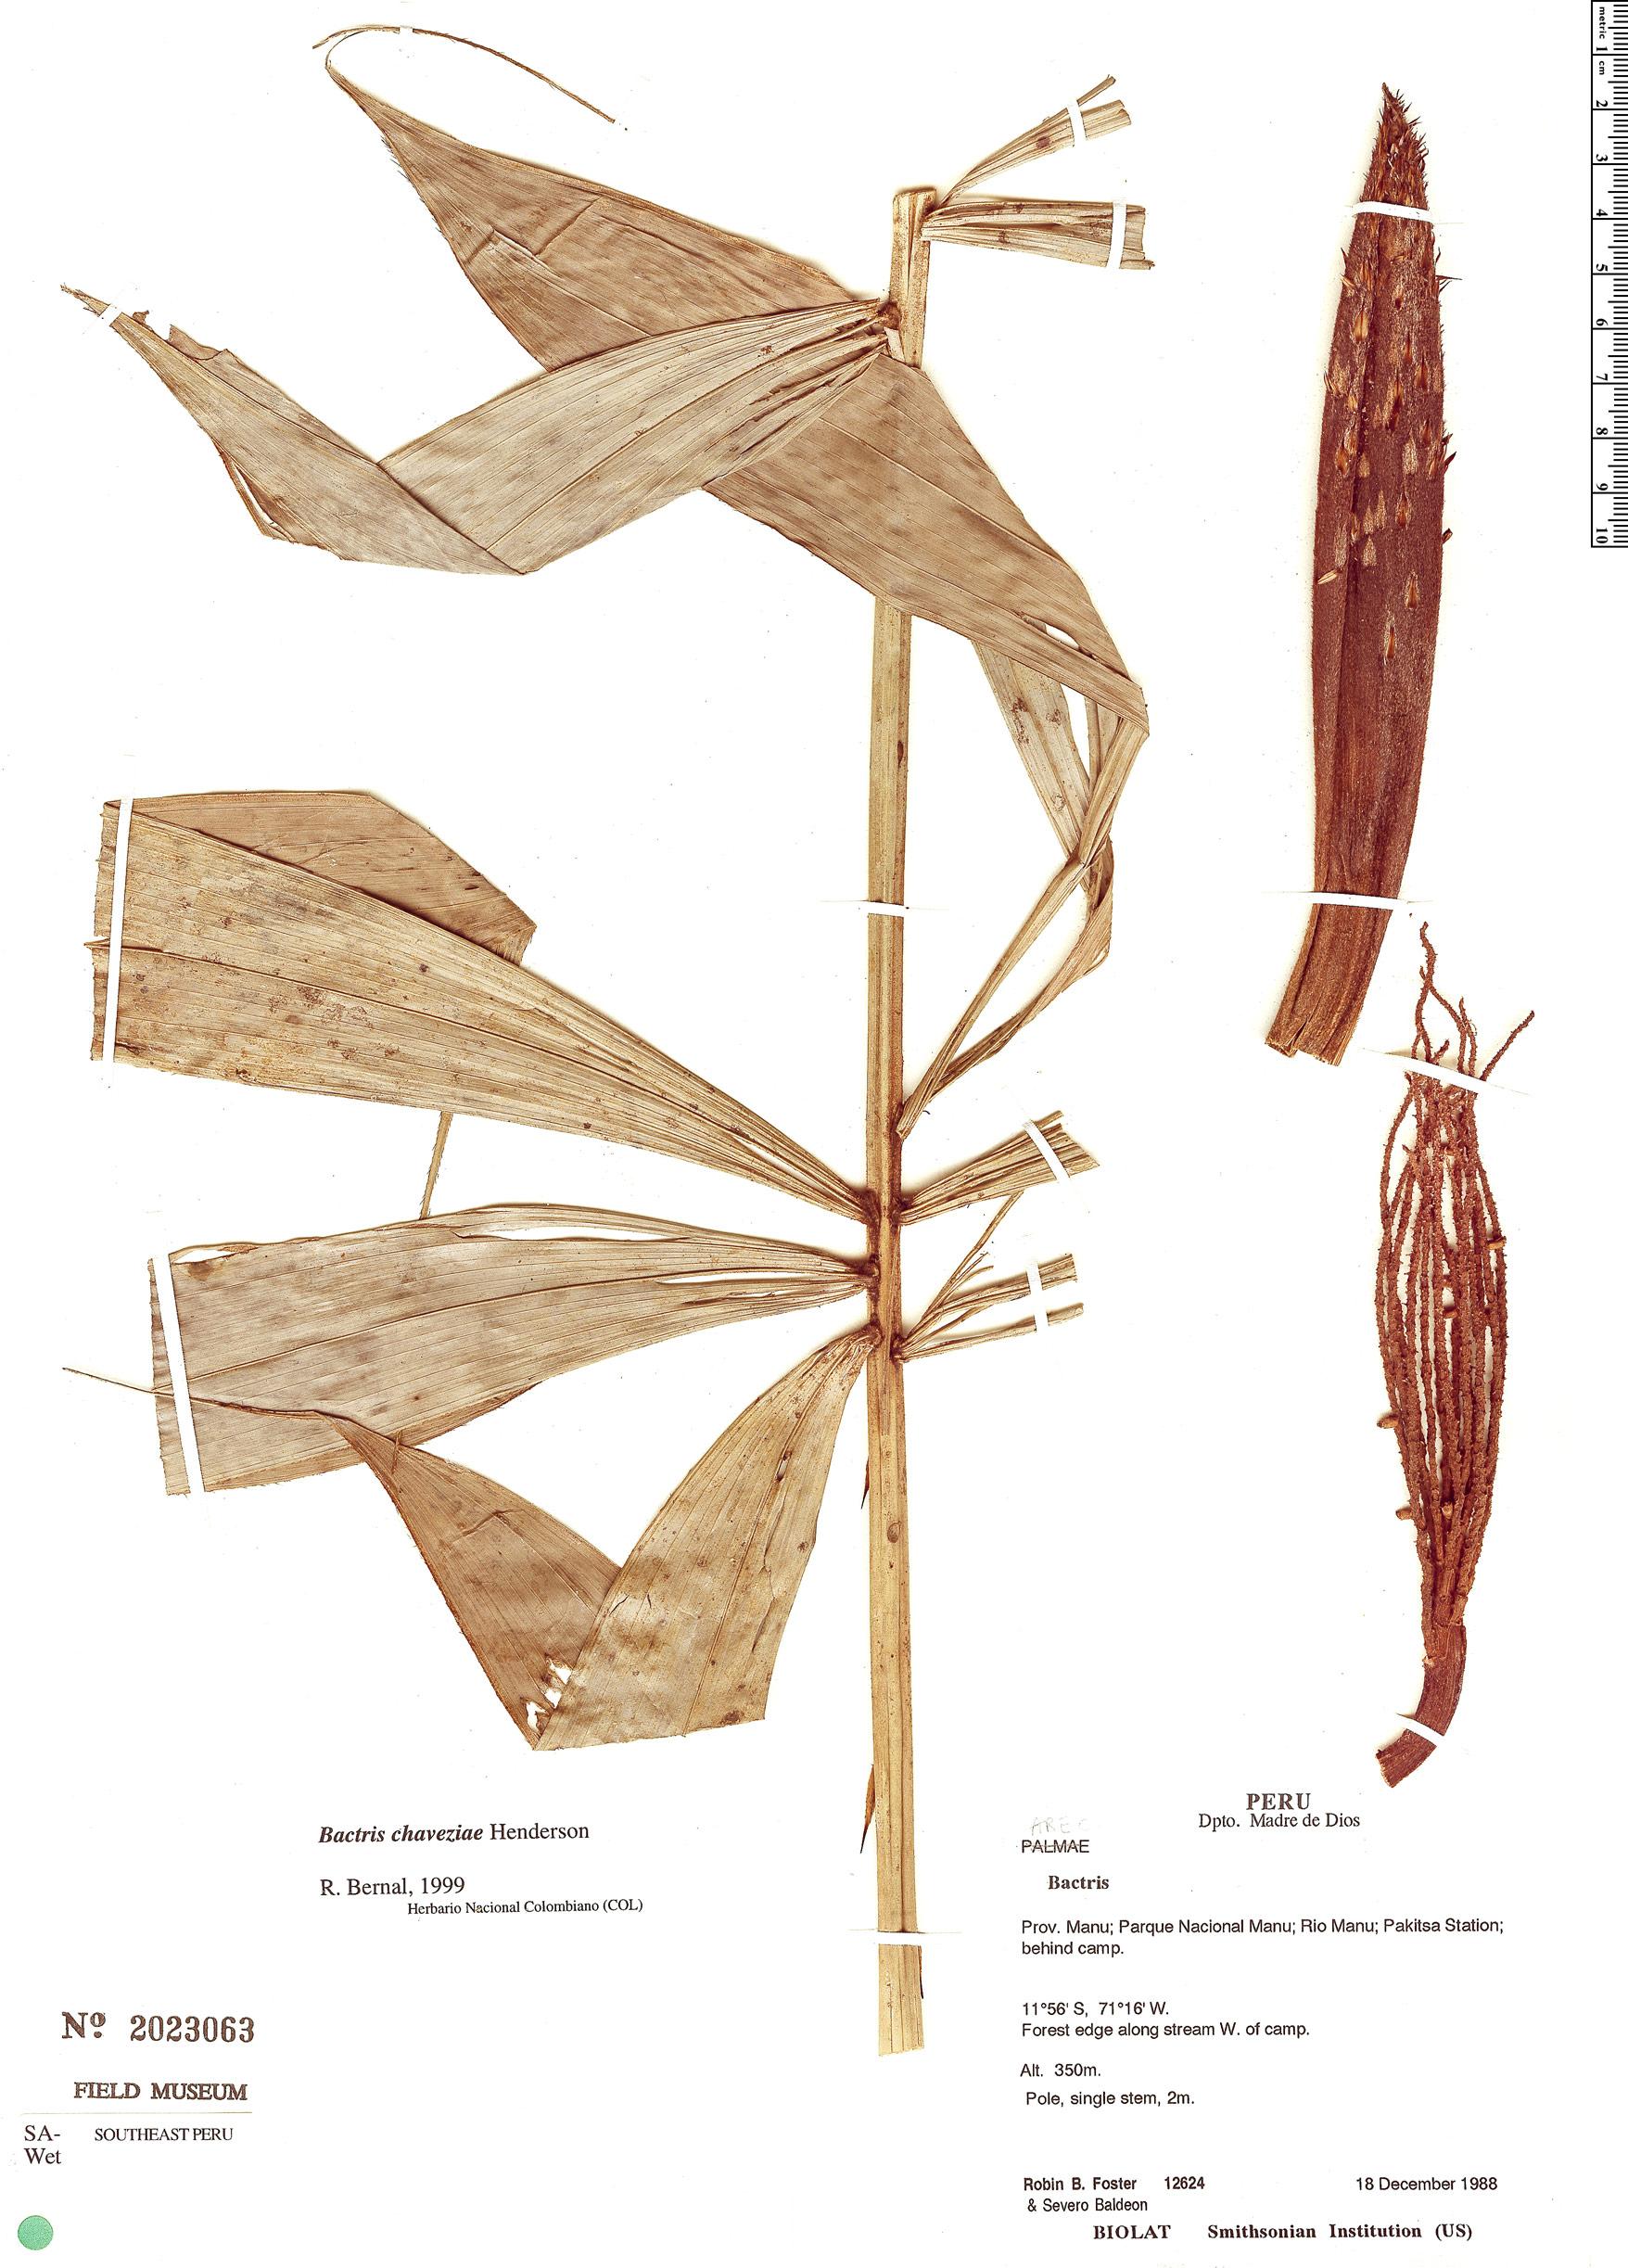 Specimen: Bactris chaveziae